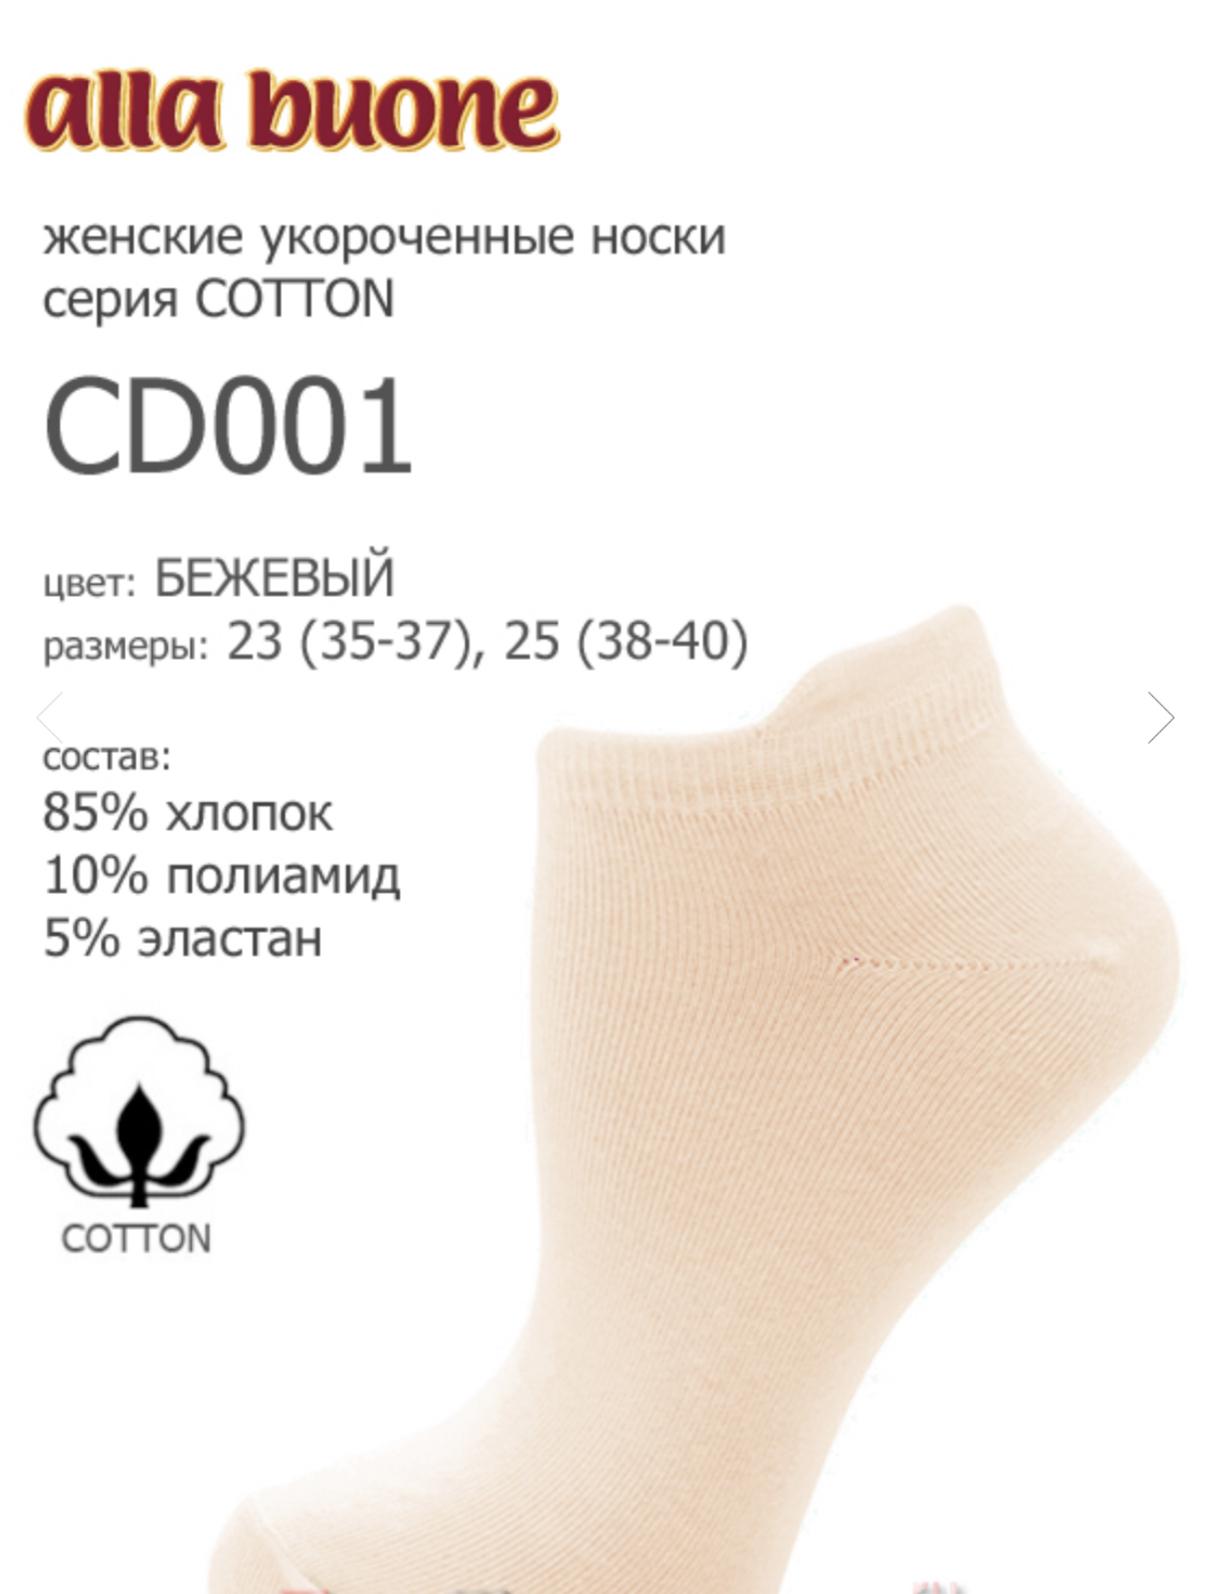 Носки женские ALLA BUONE CD001